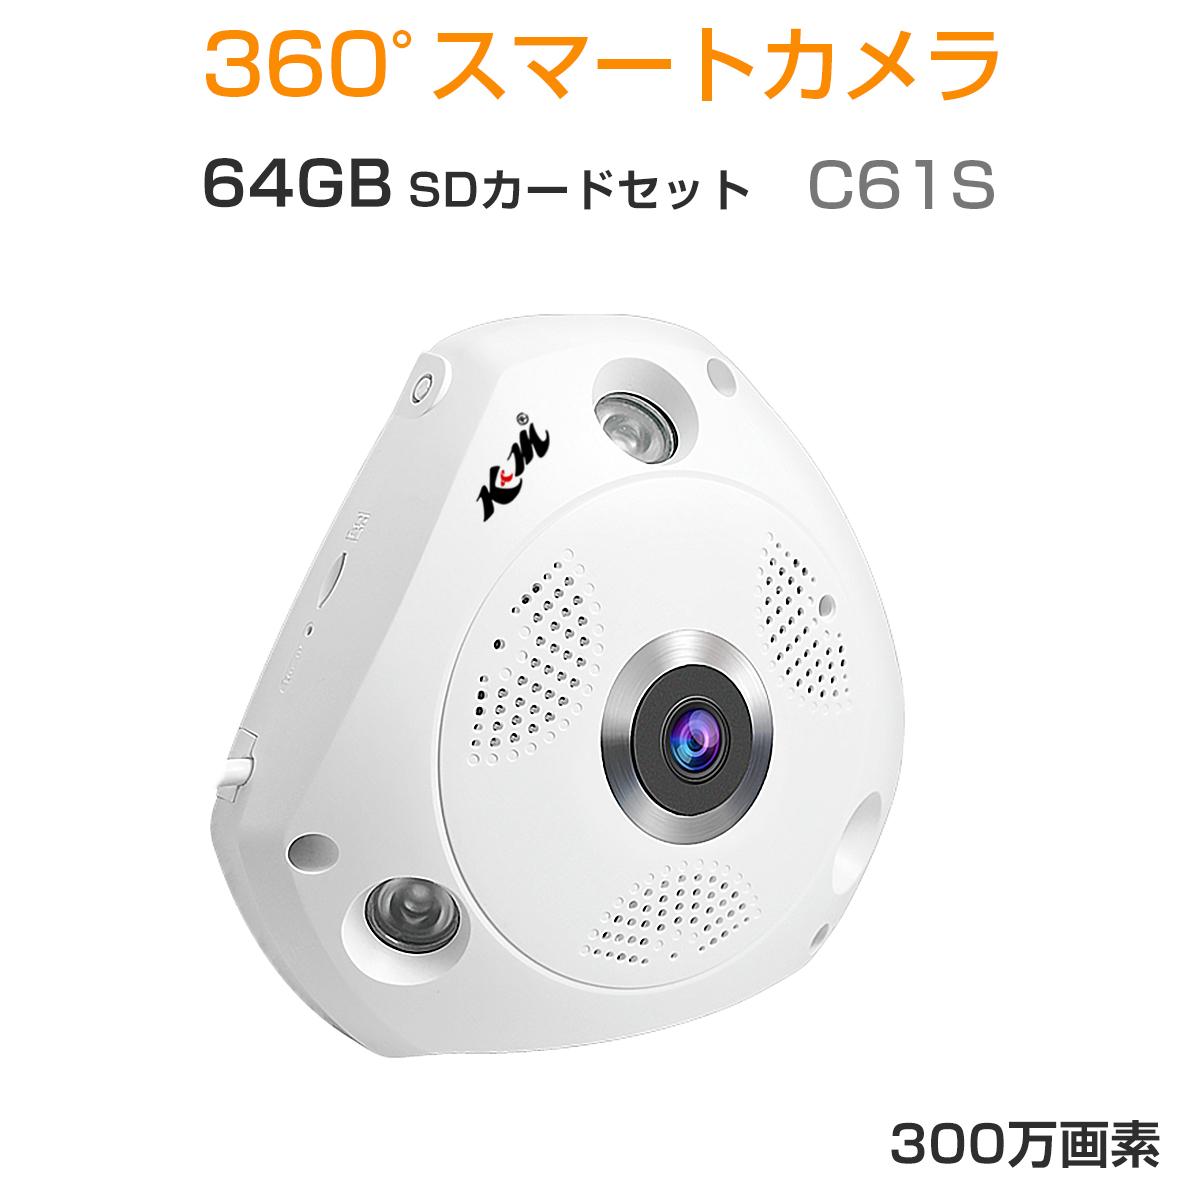 防犯カメラ ワイヤレス C61S SDカード64GB同梱モデル商品 VStarcam 300万画素 ONVIF対応 ネットワークカメラ 魚眼レンズ 360度 全天球 ペット ベビー FHD 1536P WIFI 屋内 MicroSDカード録画 監視 IP カメラ 動体検知 宅配便送料無料 PSE 6ヶ月保証